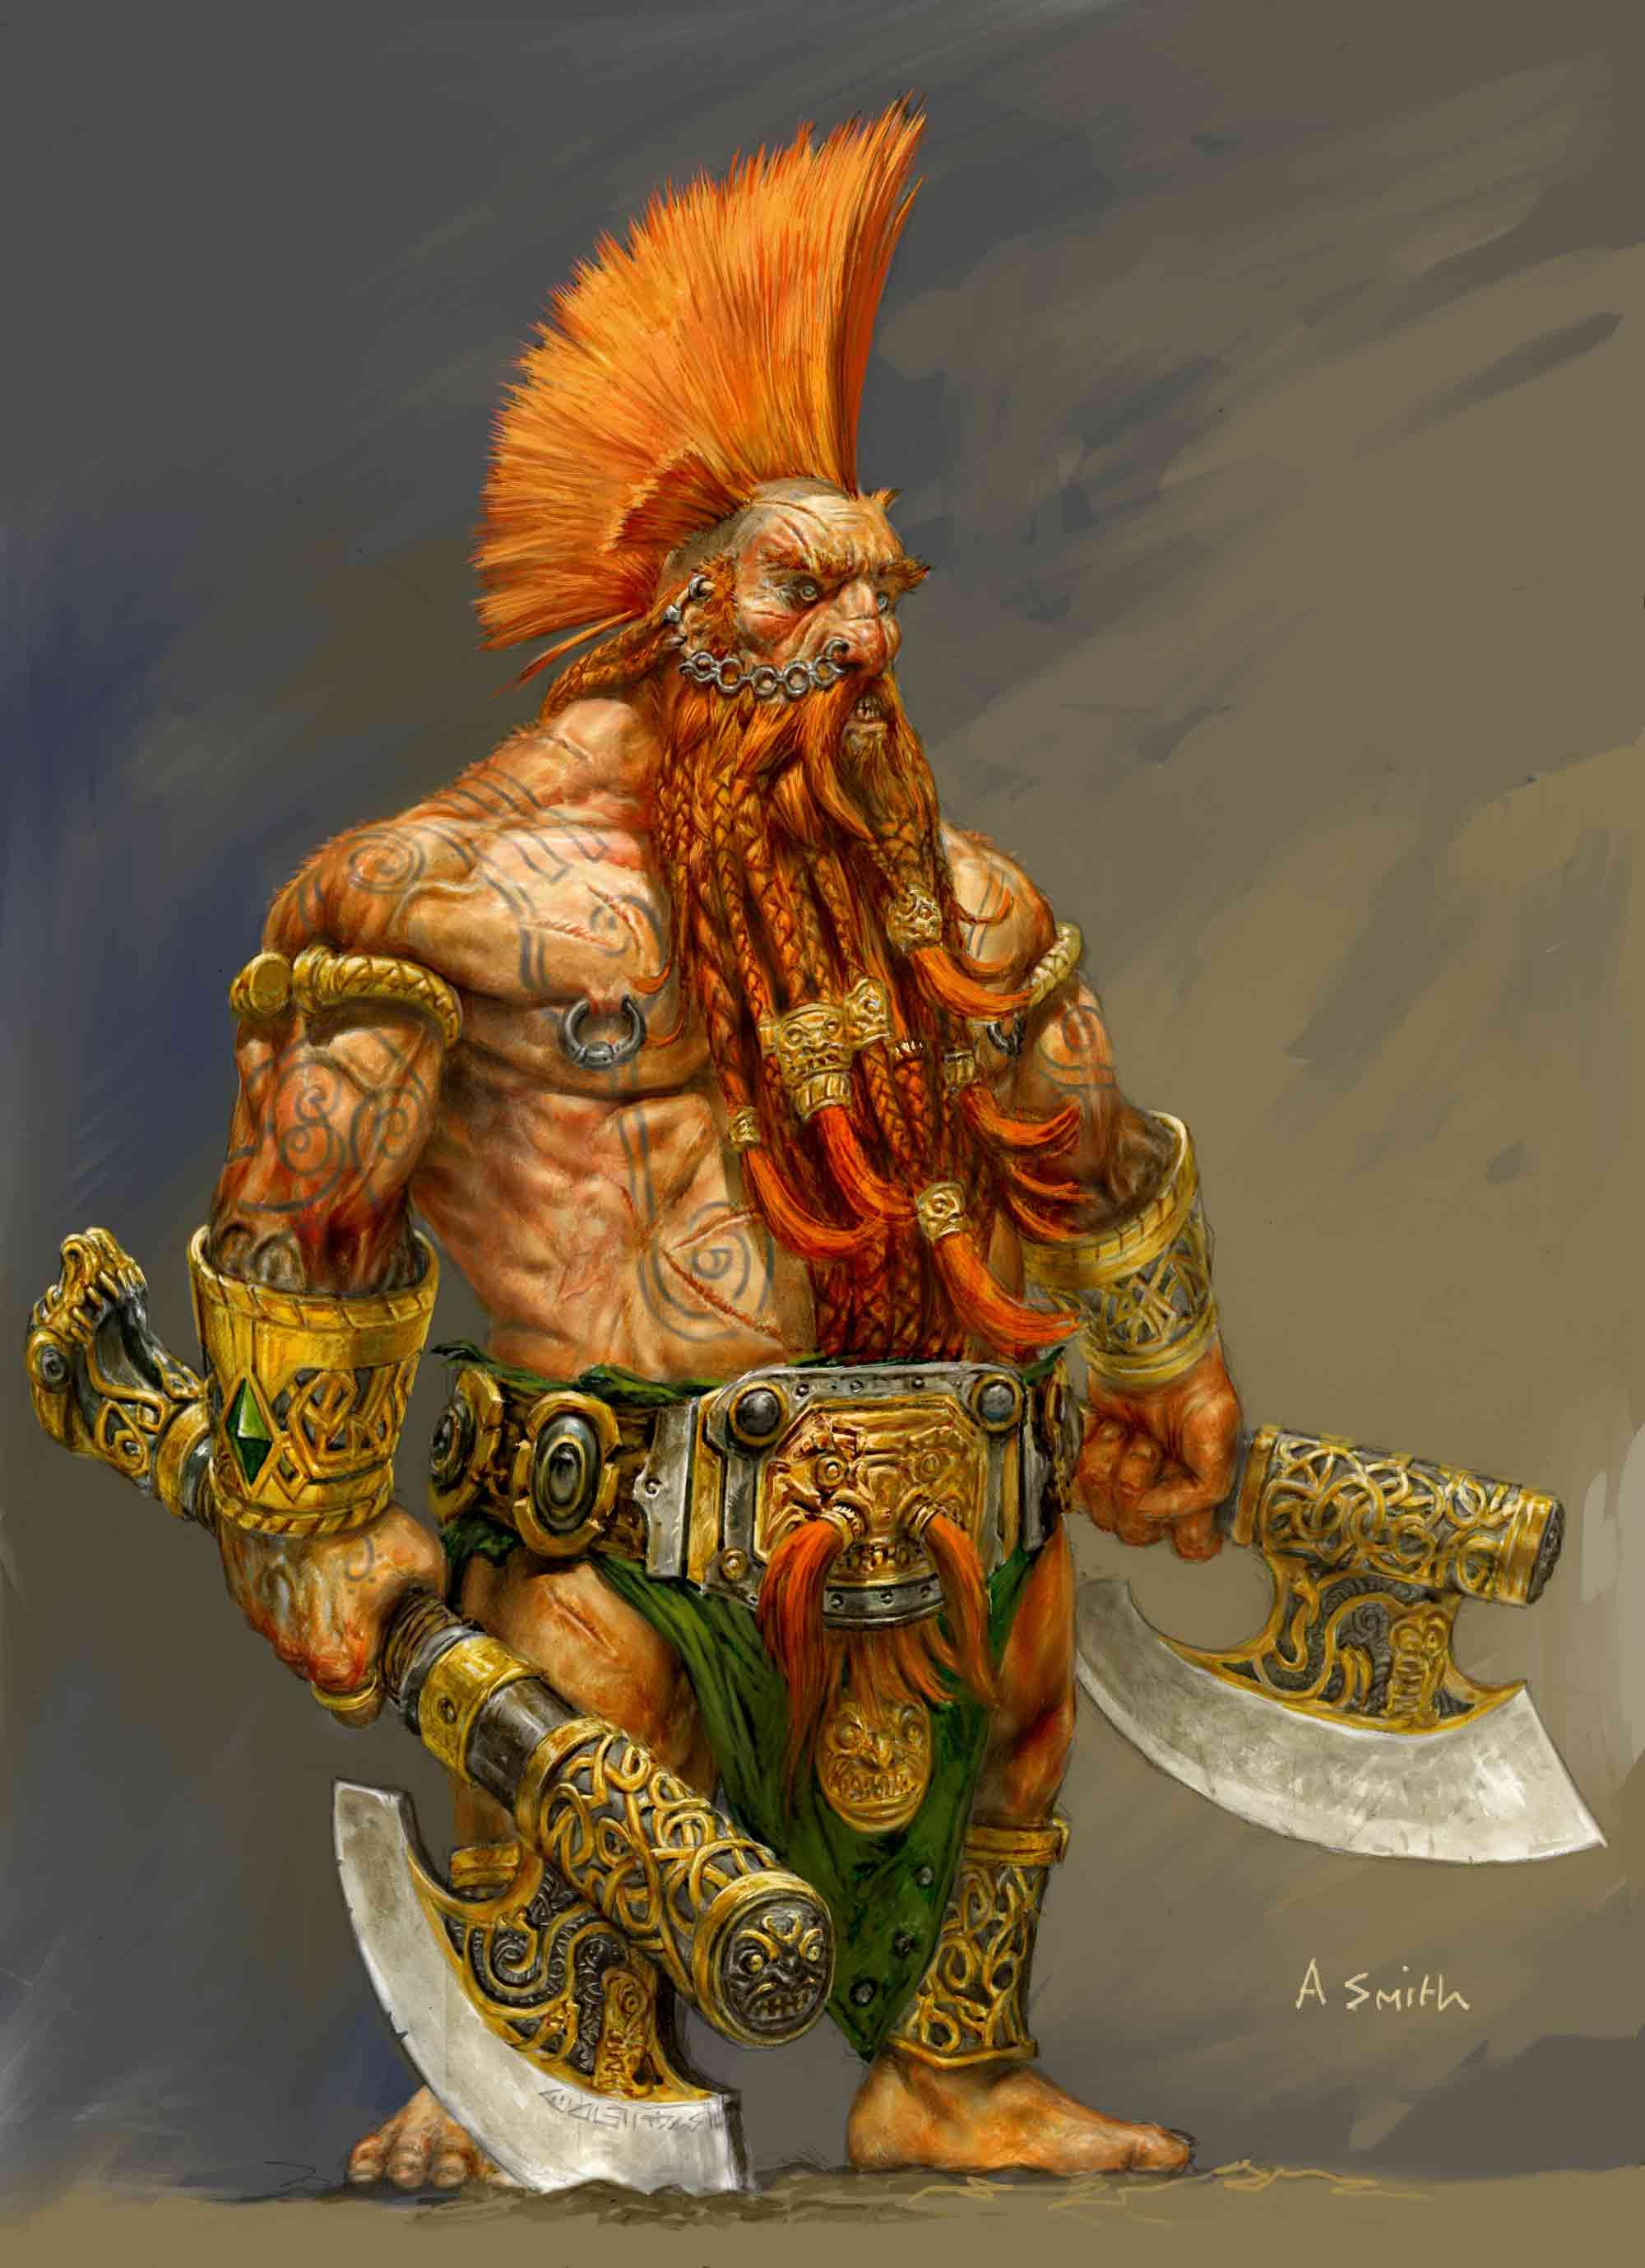 2000x2757_4041_Dwarf_slayer_for_warhammer_online_2d_fantasy_dwarf_warrior_picture_image_digital_art